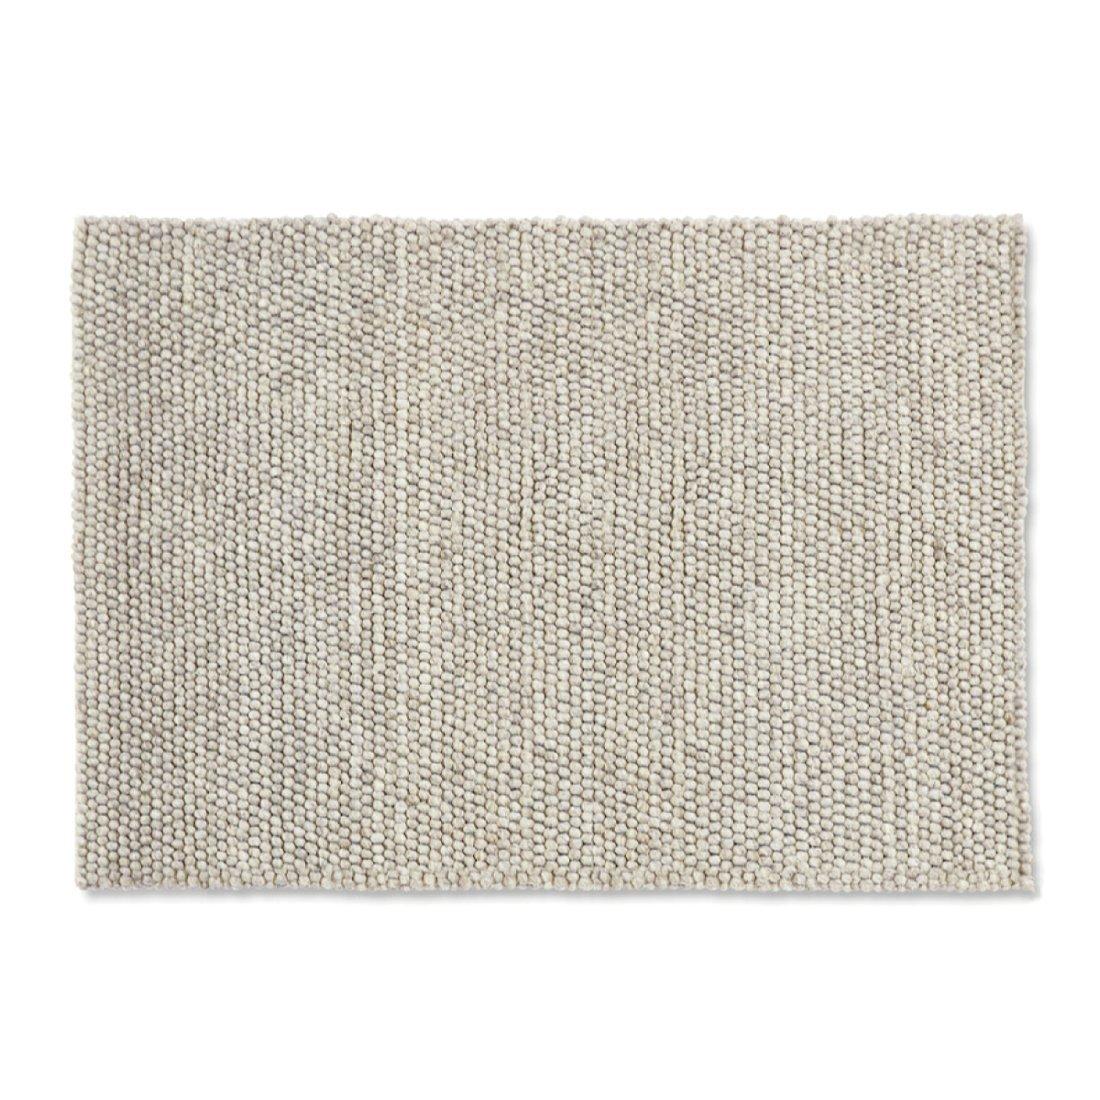 HAY Peas Karpet Vloerkleed 170 x 240 cm Licht Grijs